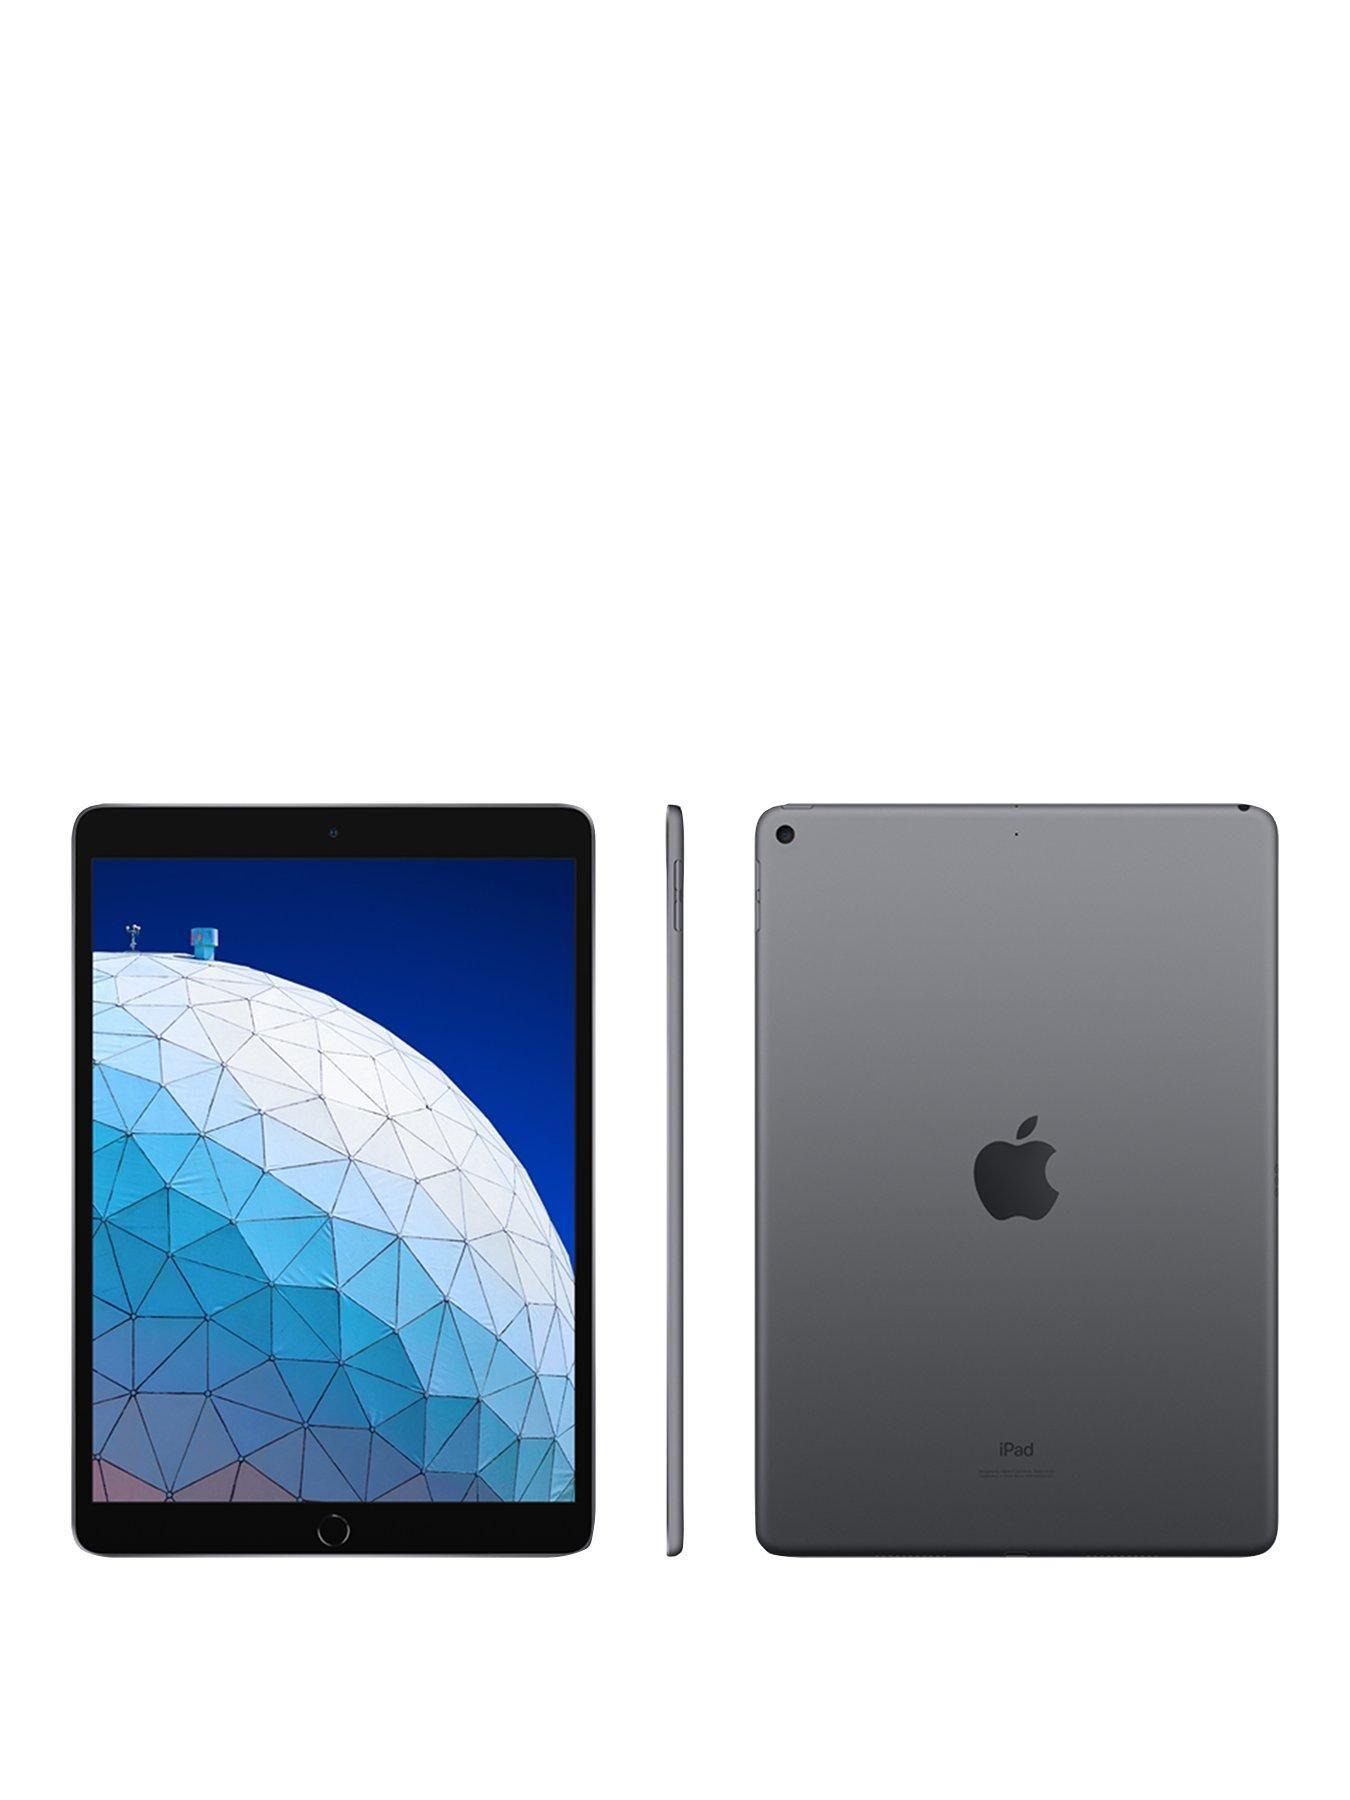 Apple iPad Air (2019), 64Gb, WiFi Space Grey in 2020